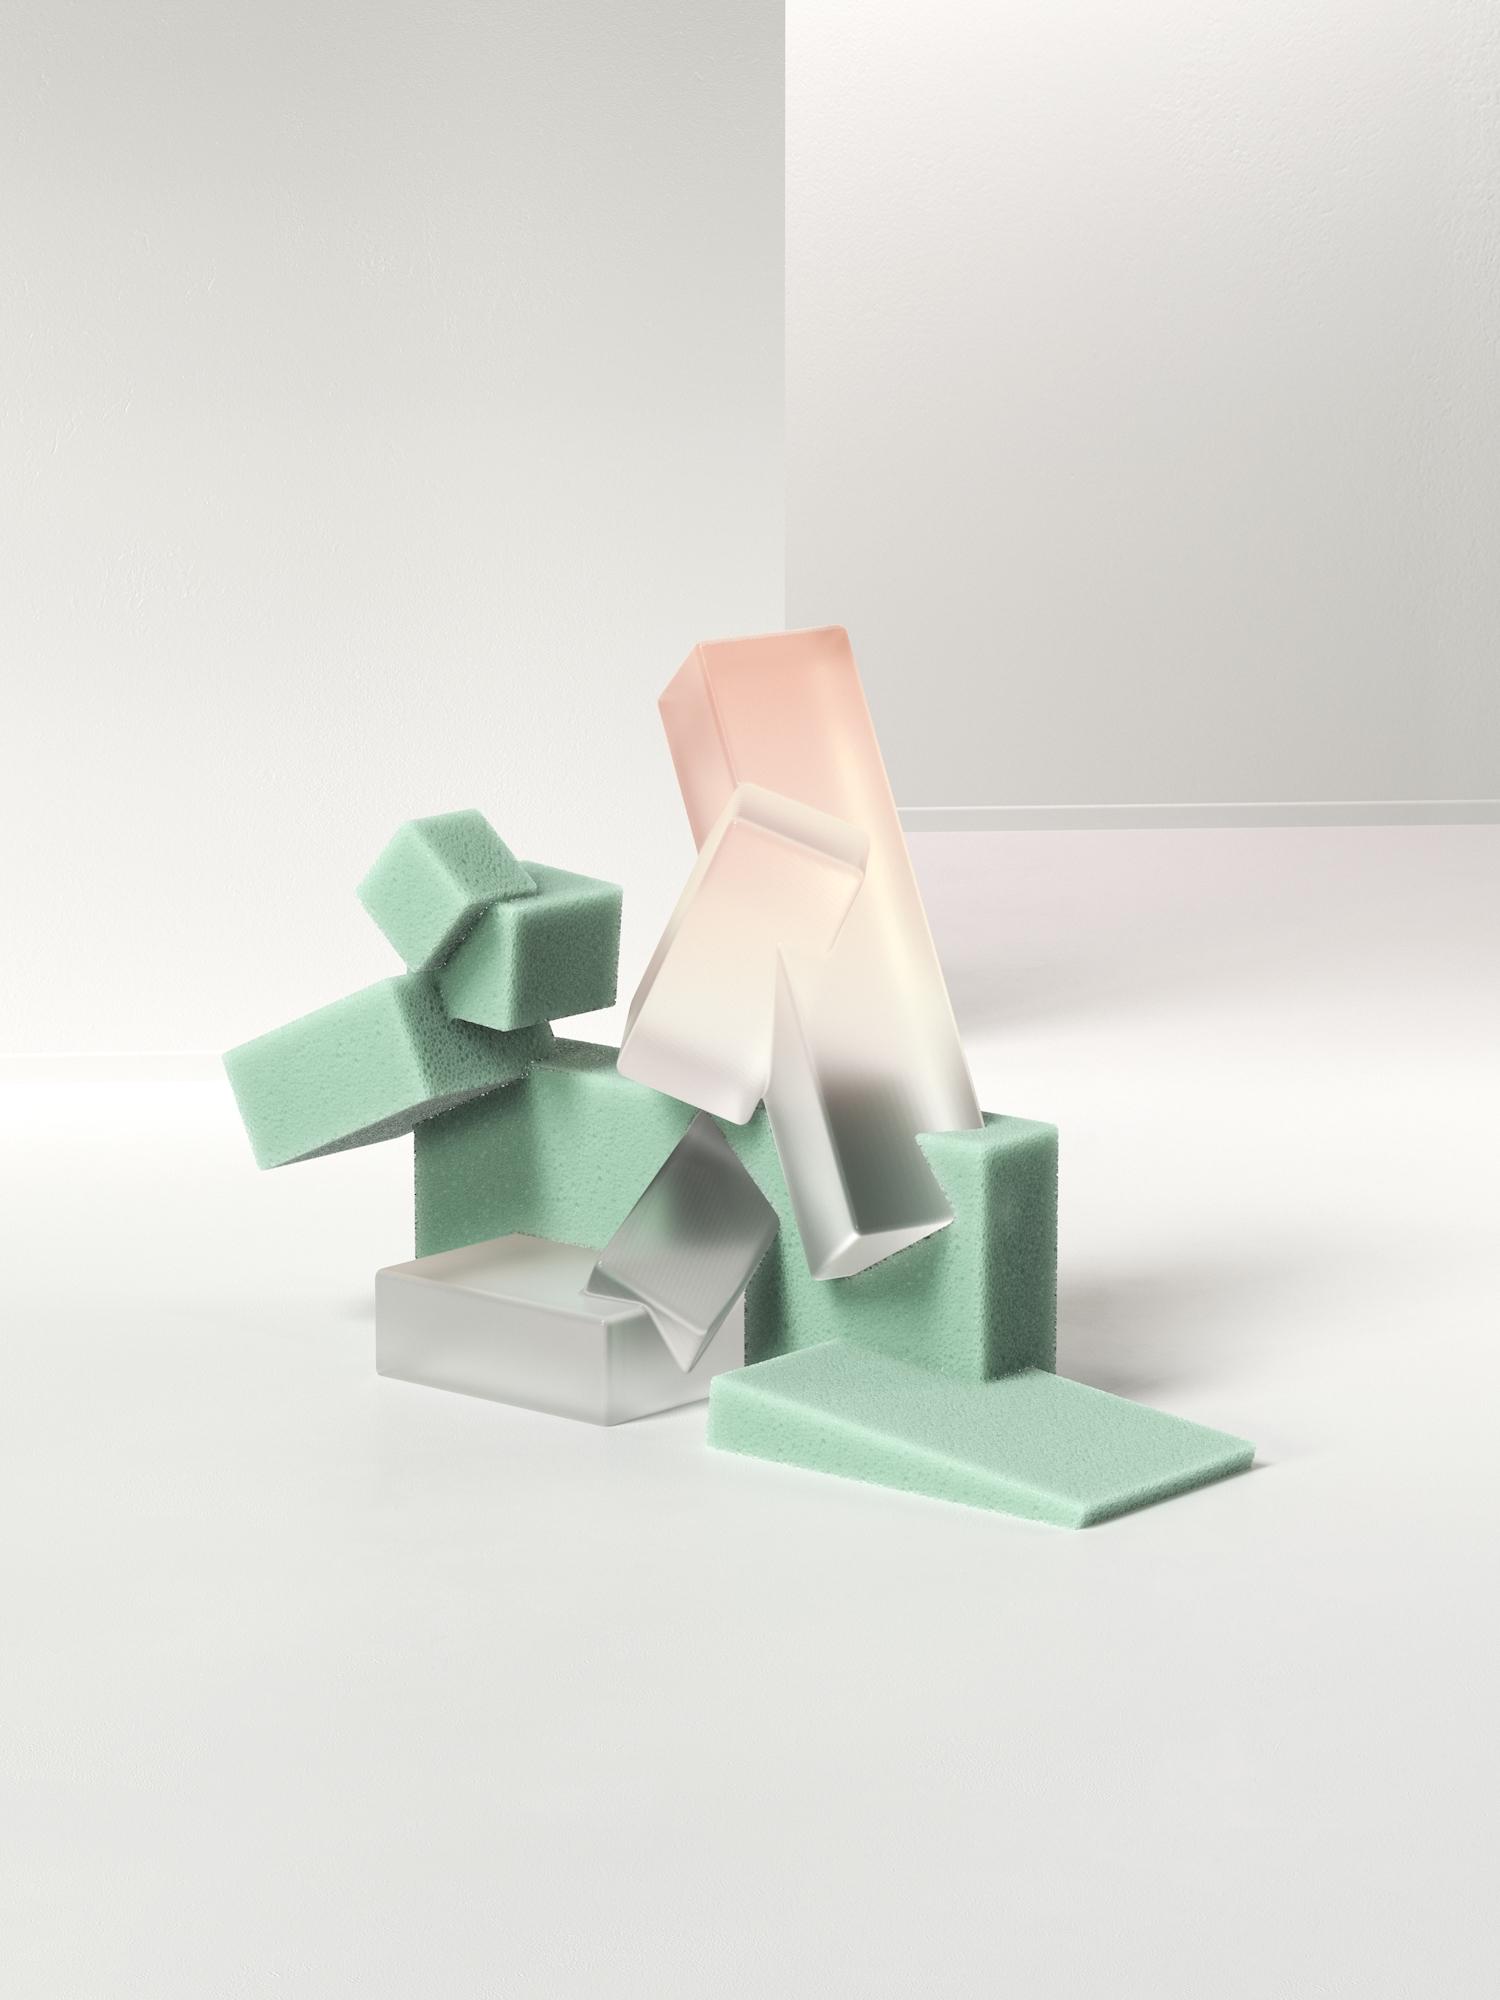 Structures — Studio Series Plei - pleid | ello